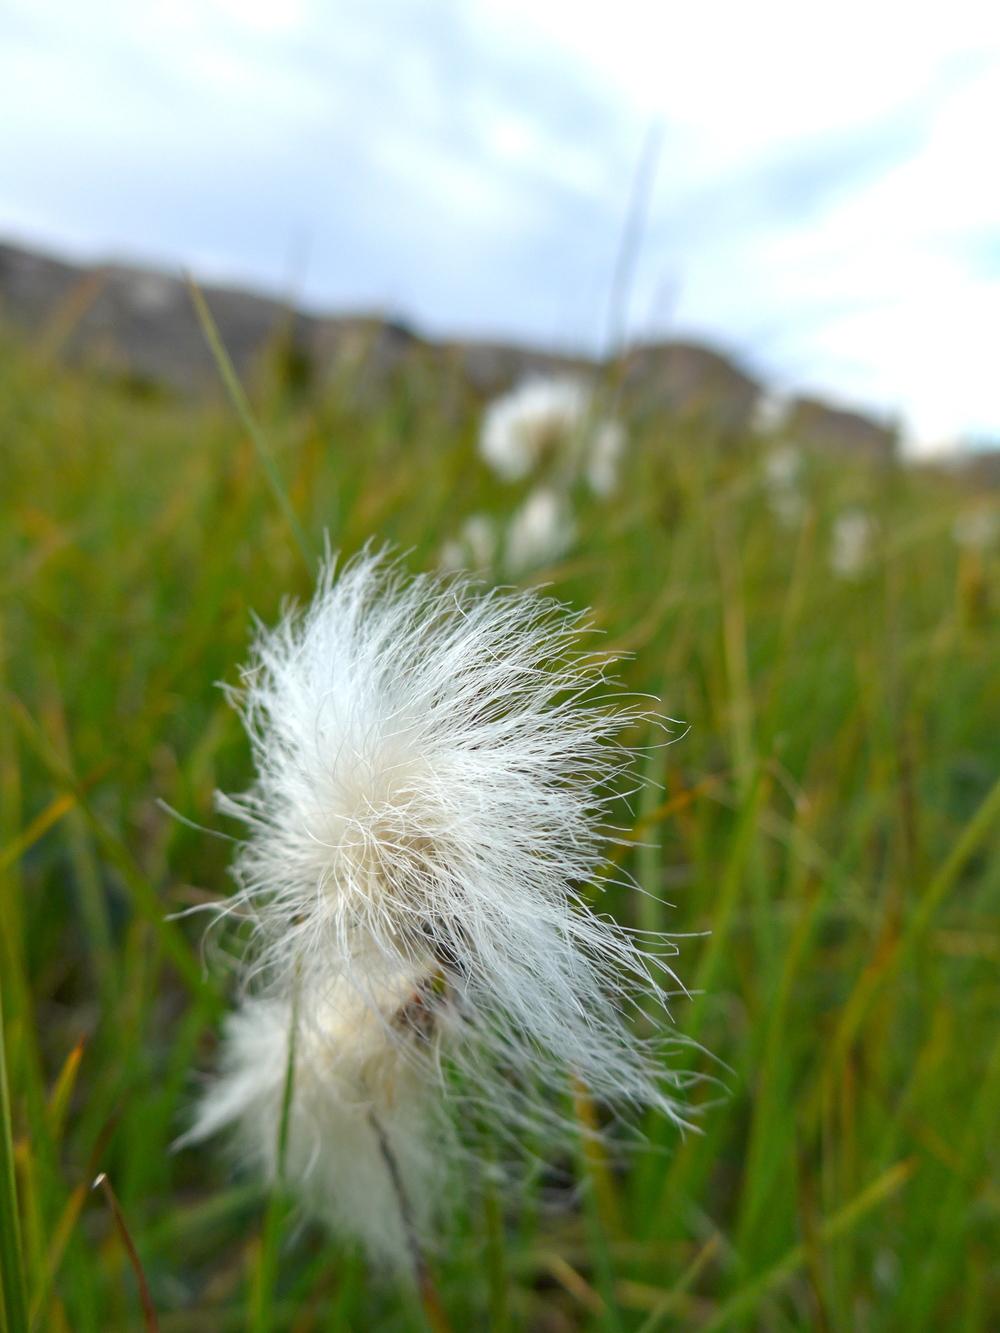 Cottongrass.